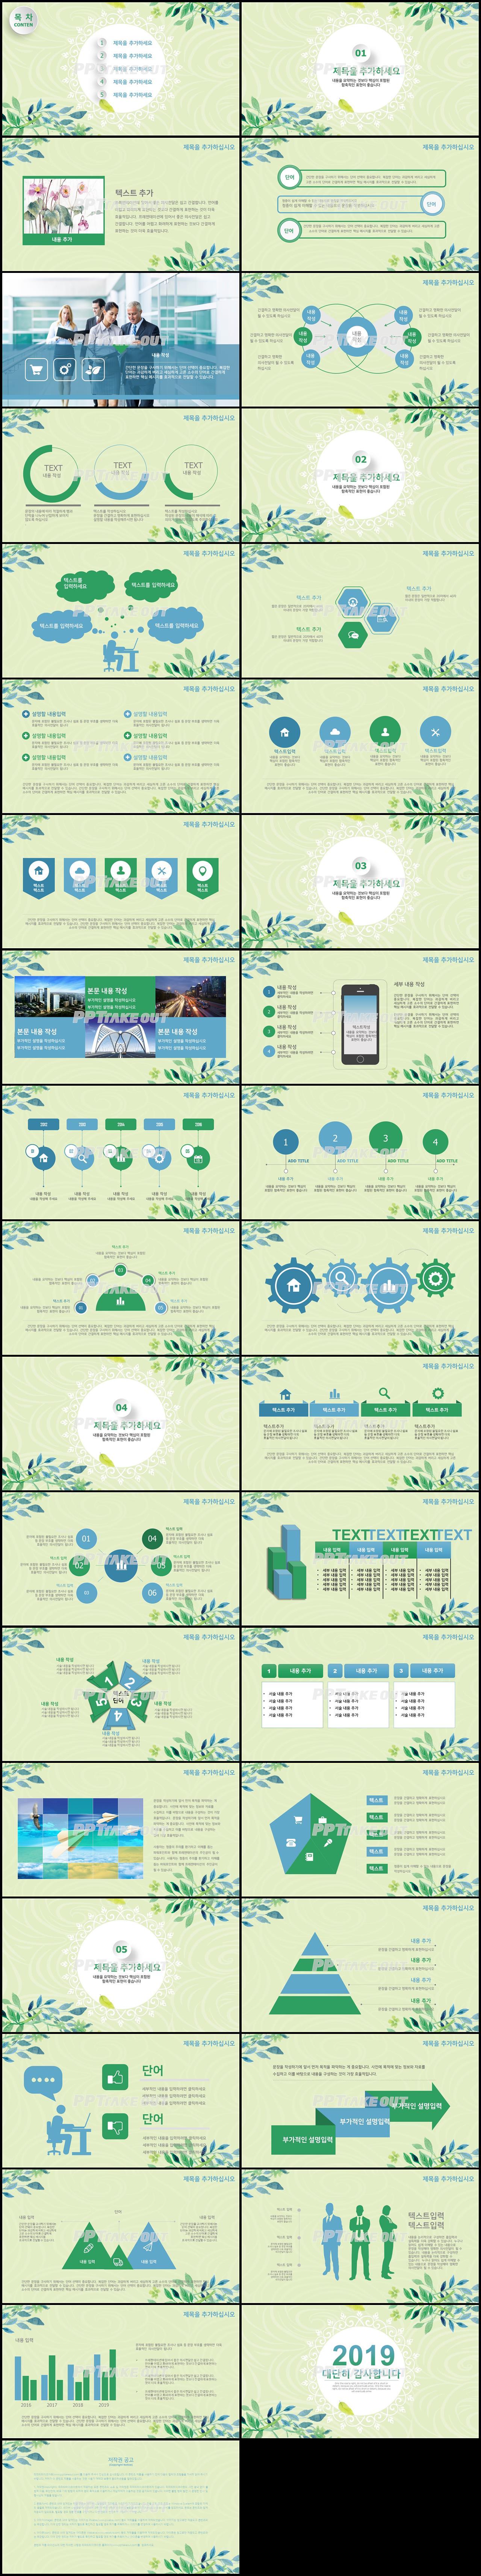 플라워, 동물주제 초록색 단정한 멋진 피피티템플릿 다운로드 상세보기